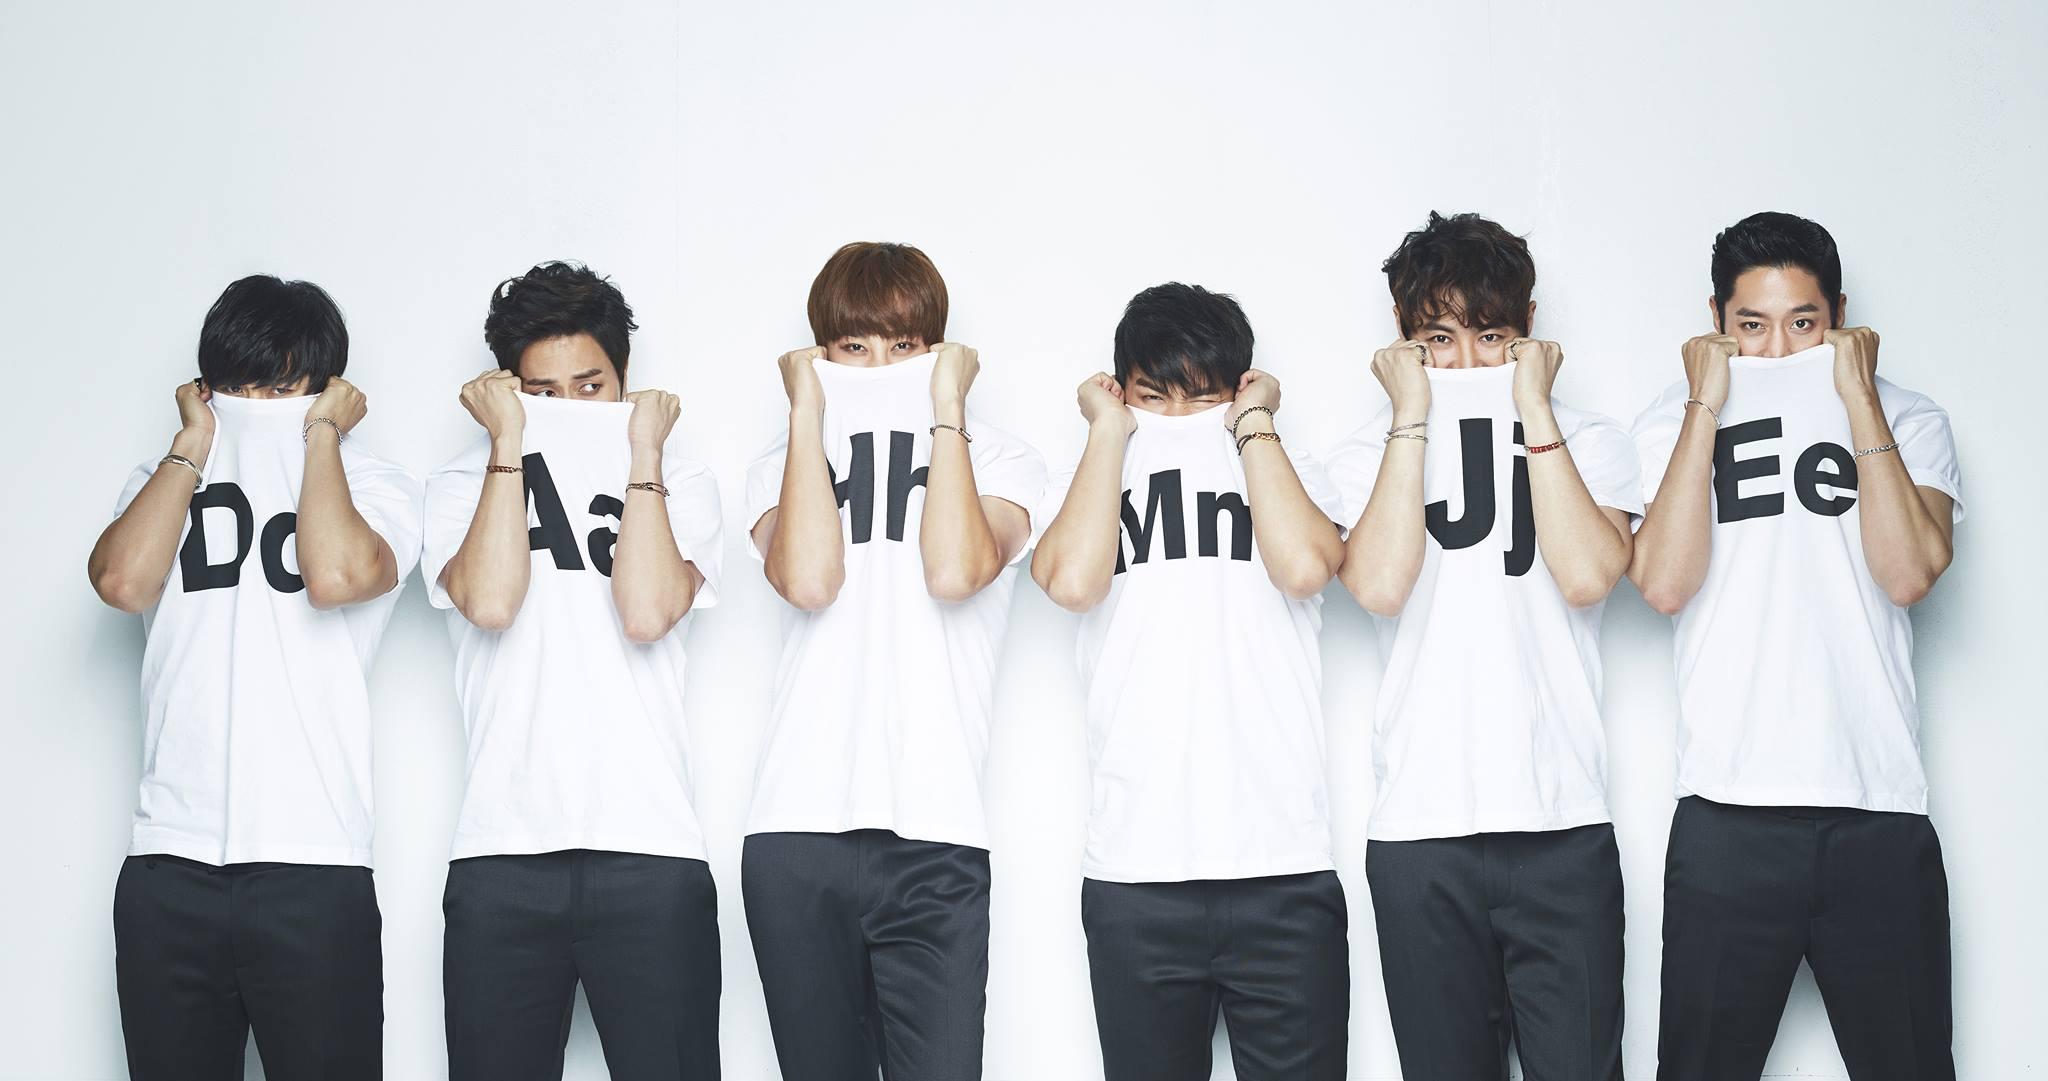 畢竟神話,未更換任何團員且是韓國最長壽的男子團體的成員之一